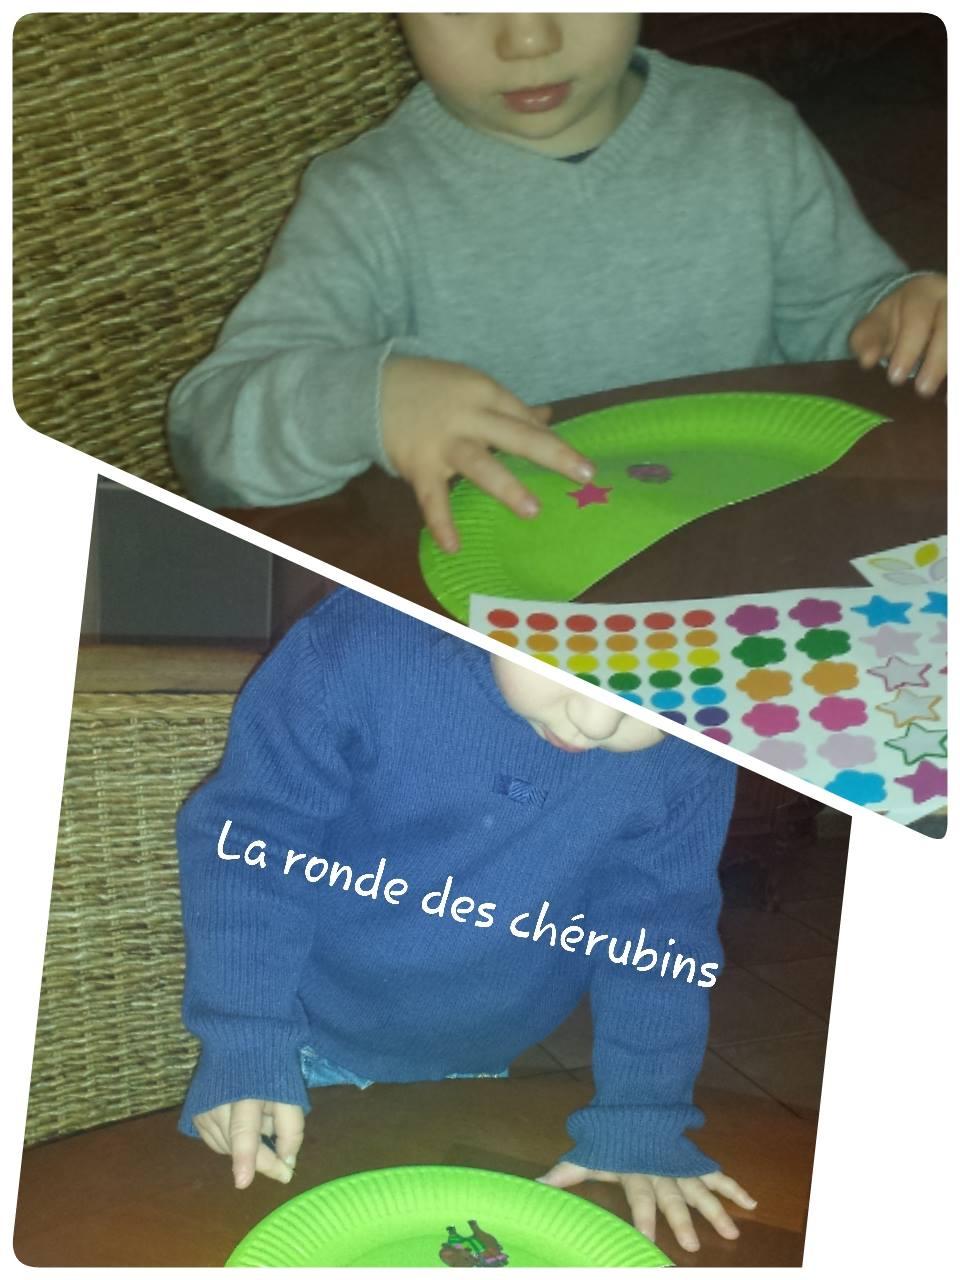 Les petits chérubins en action, petite enfance, Collin Sylvie Villeparisis